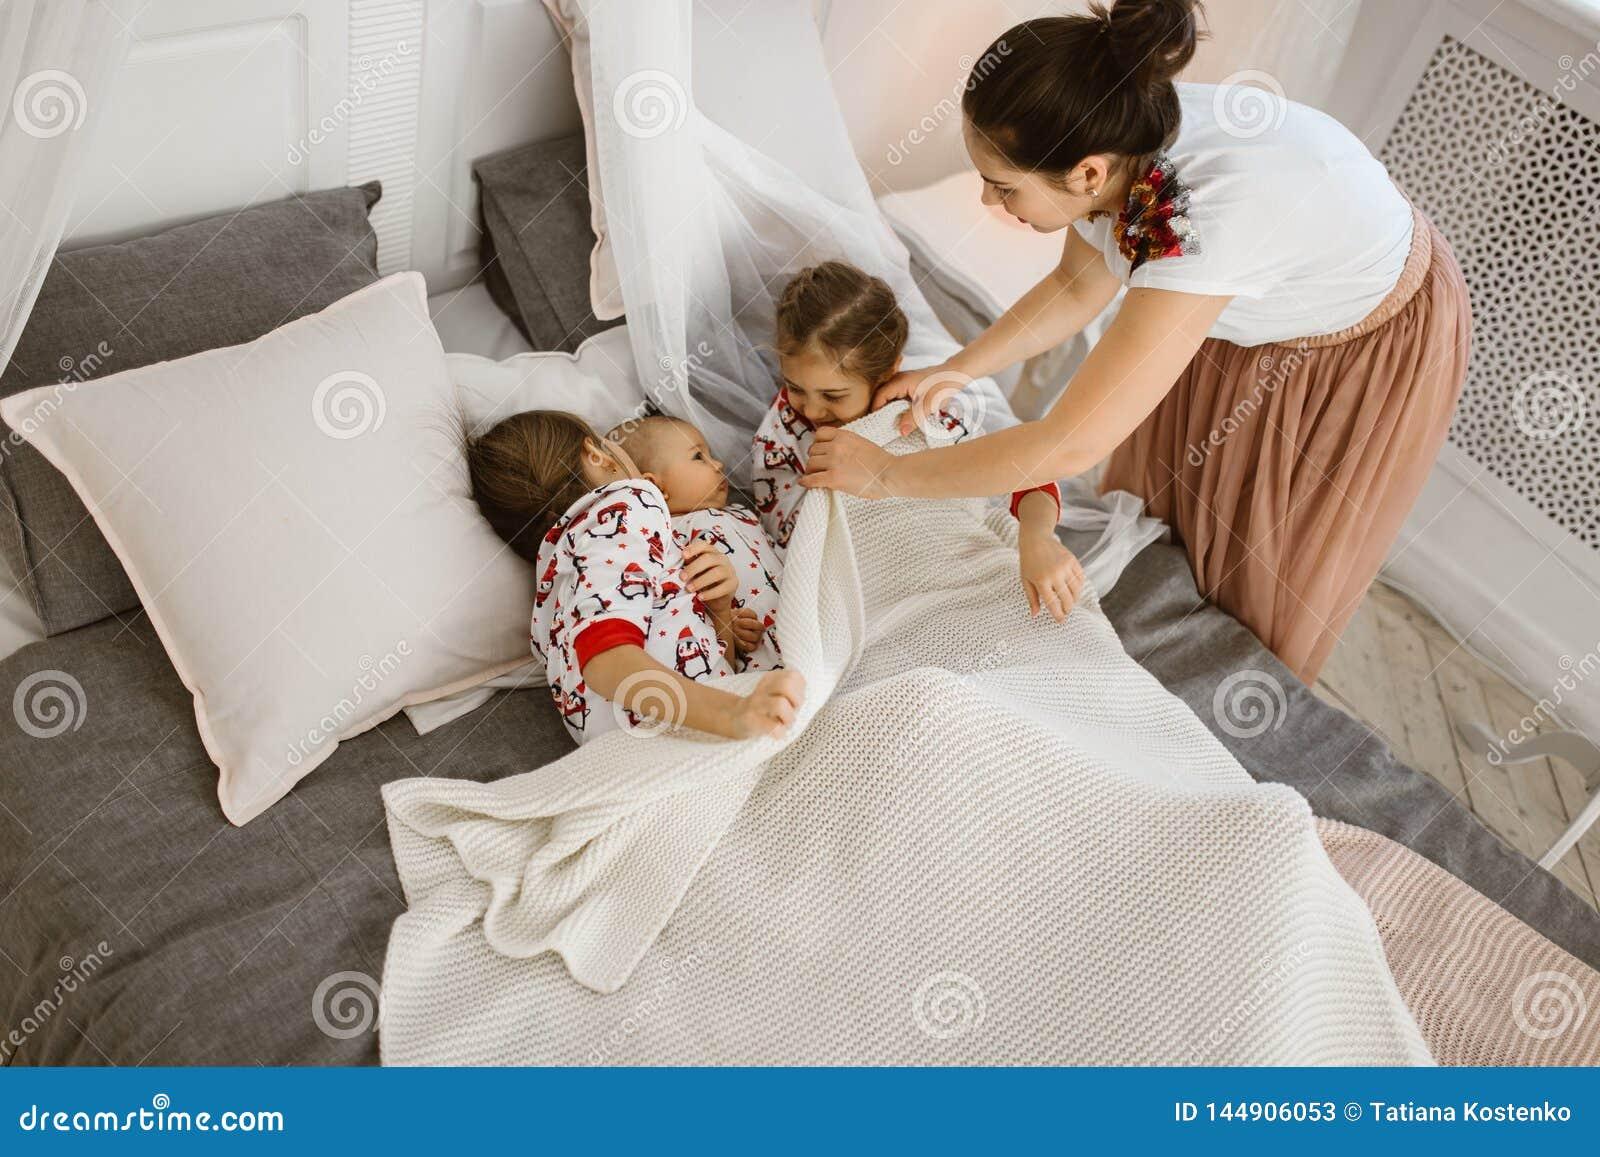 Η νέα μητέρα καλύπτει ένα άσπρο κάλυμμα για δύο κόρες και έναν μικροσκ